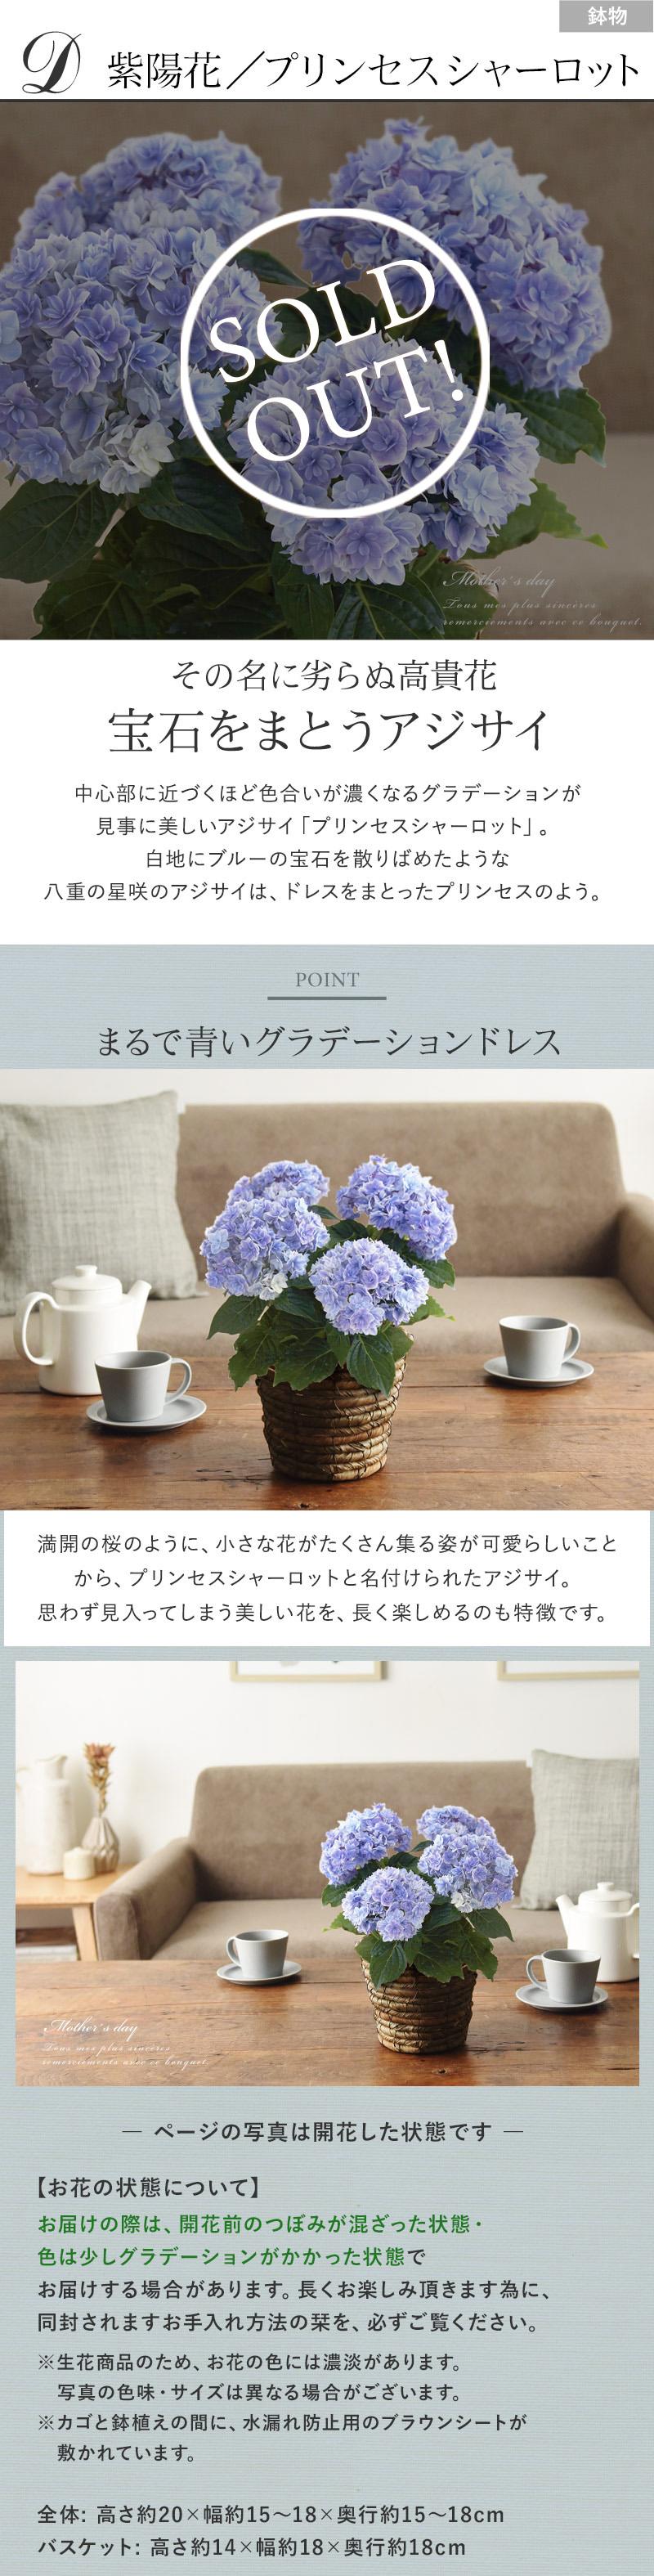 D紫陽花/プリンセスシャーロット